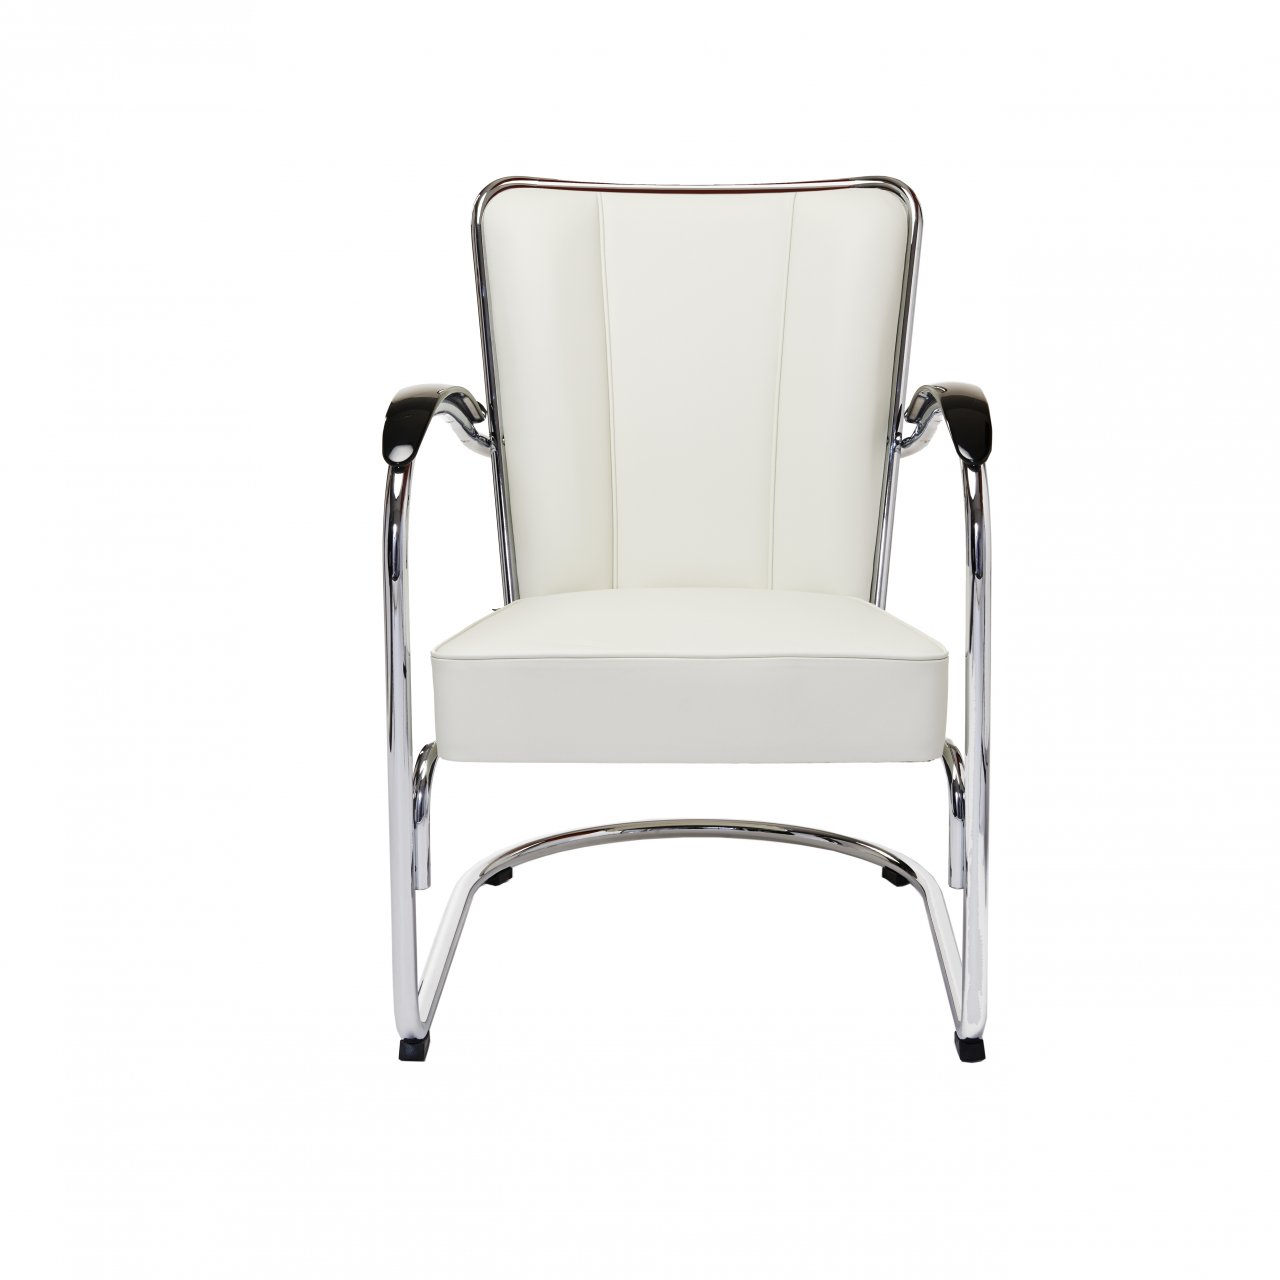 De gispen 412 vintage fauteuil up kantoorinrichting design klassieker - De meest comfortabele fauteuils ...